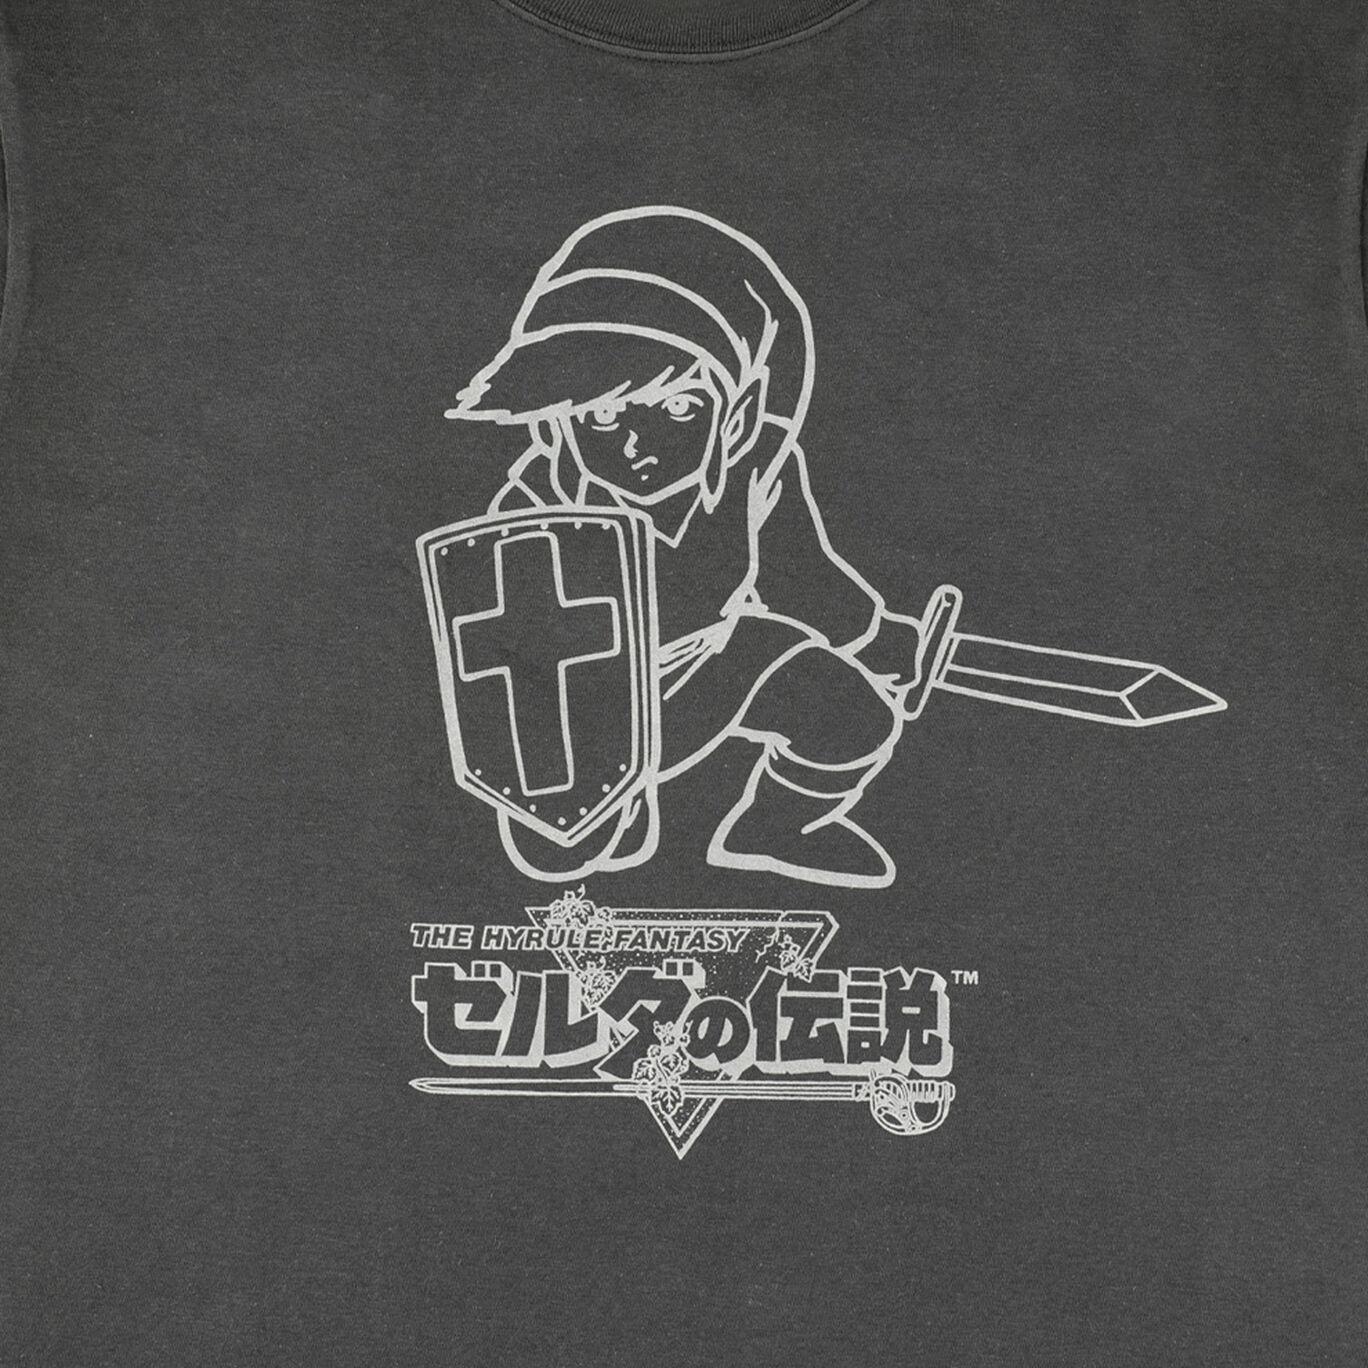 【新商品】ロンT ゼルダの伝説 S【Nintendo TOKYO取り扱い商品】